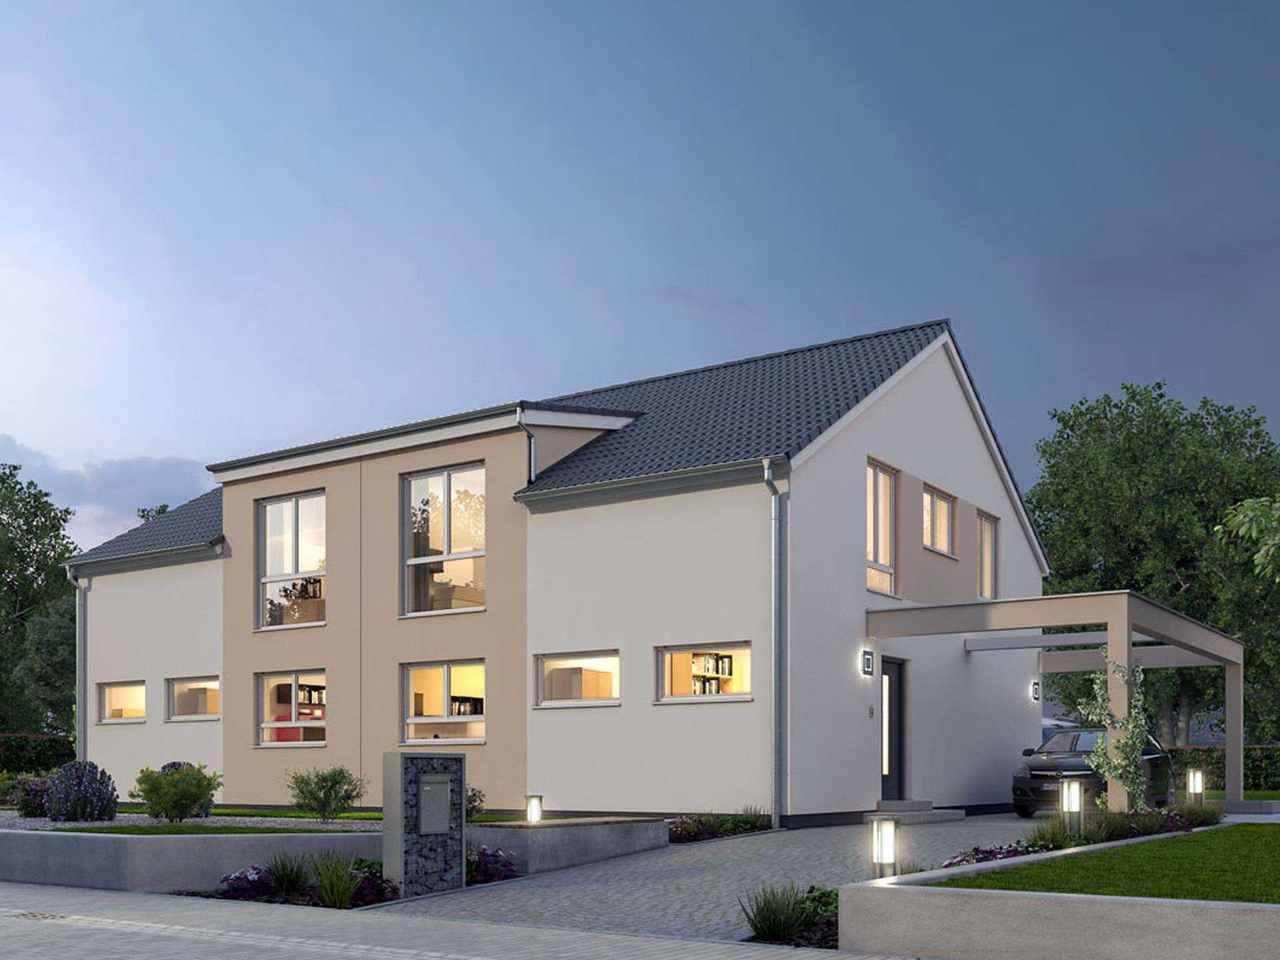 Doppelhaus 119 - Ytong Bausatzhaus